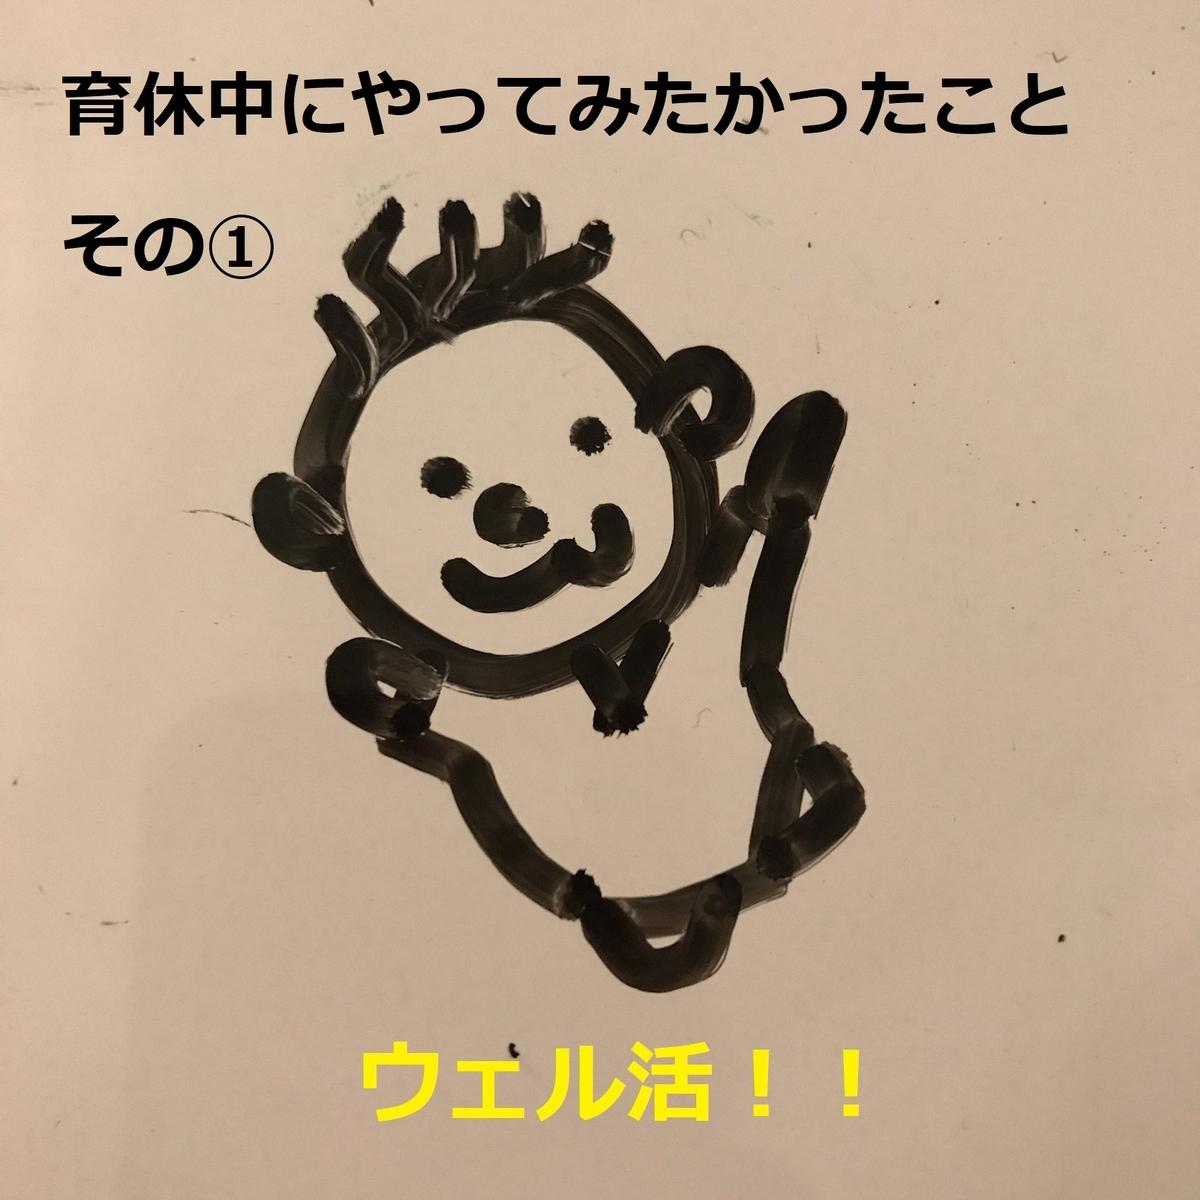 f:id:ponsanponsuke:20190520151053j:plain